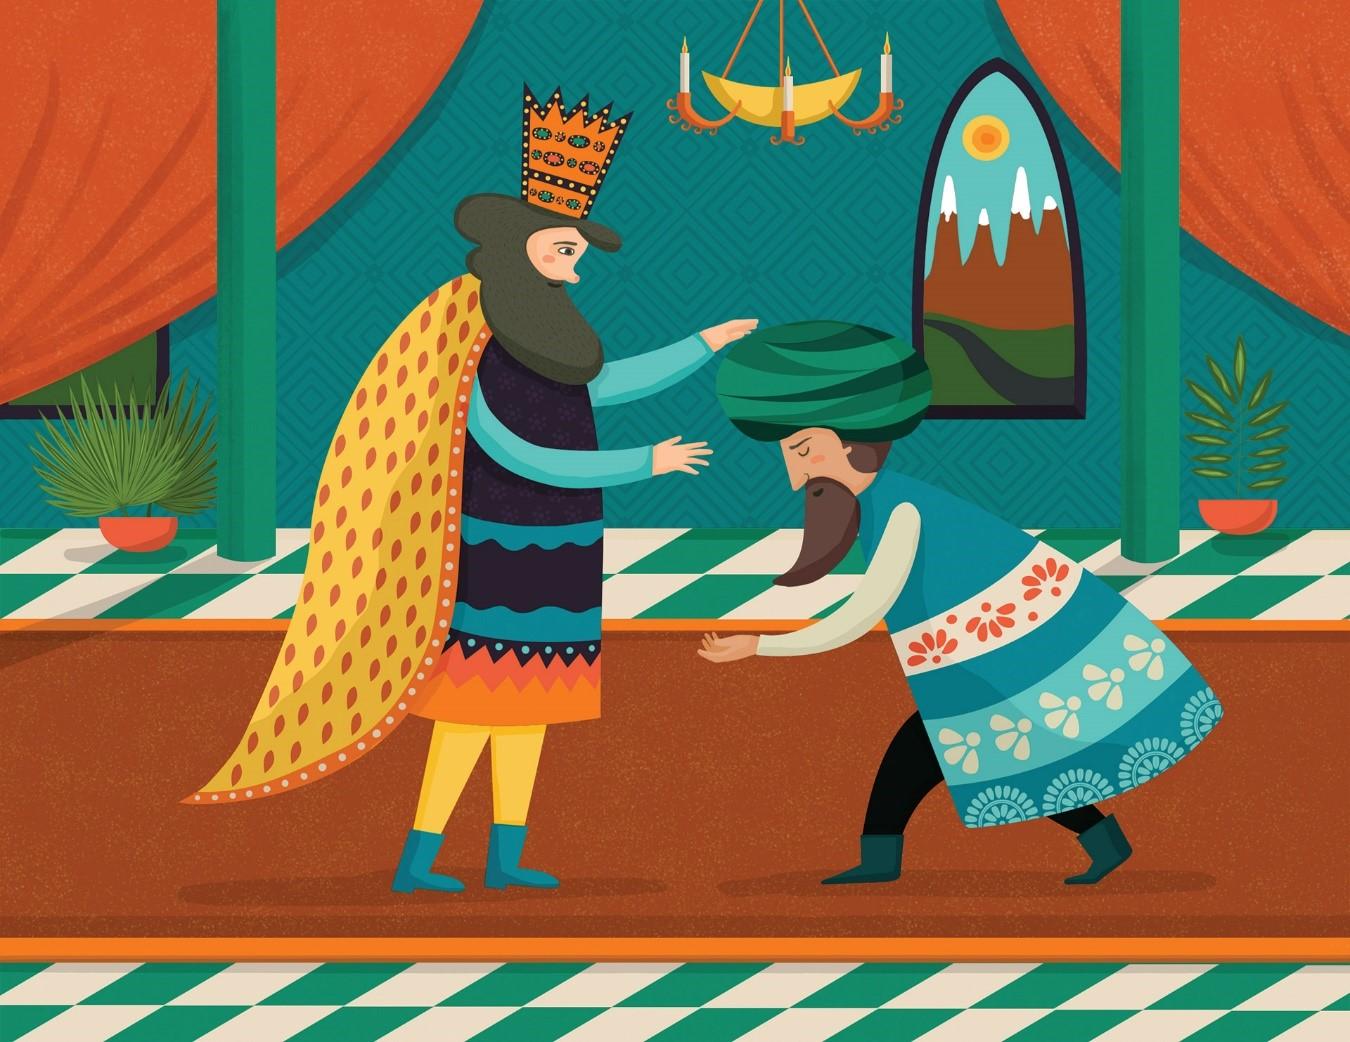 mitos y leyendas del rey maón